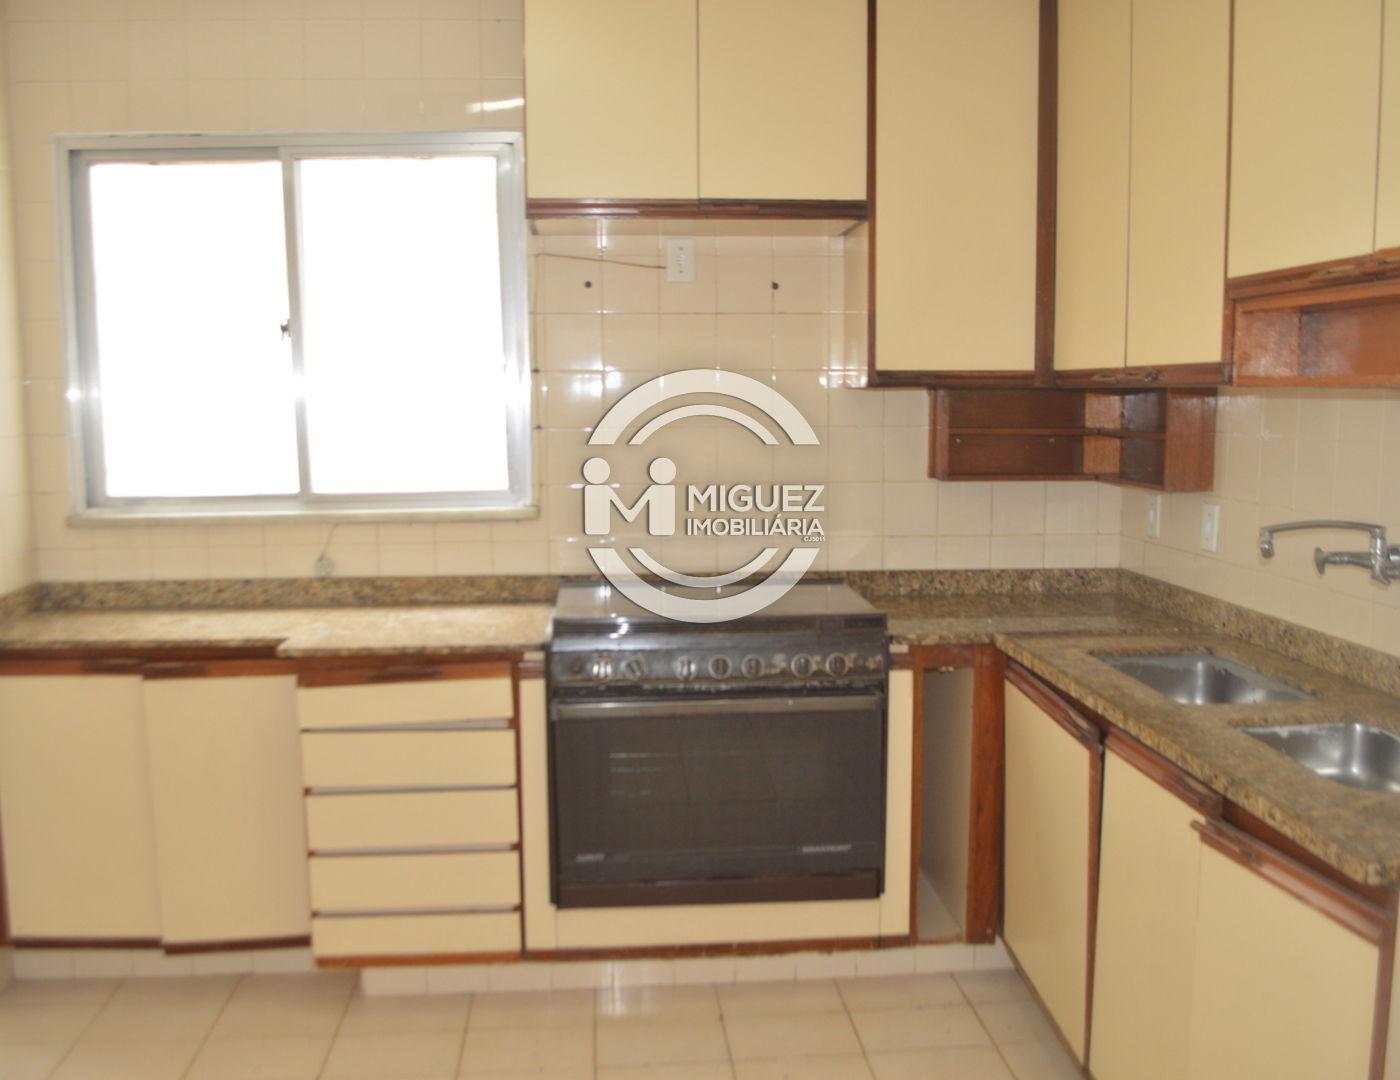 Apartamento, aluguel, Rua Sousa Franco - Vila Isabel , Rio de janeiro